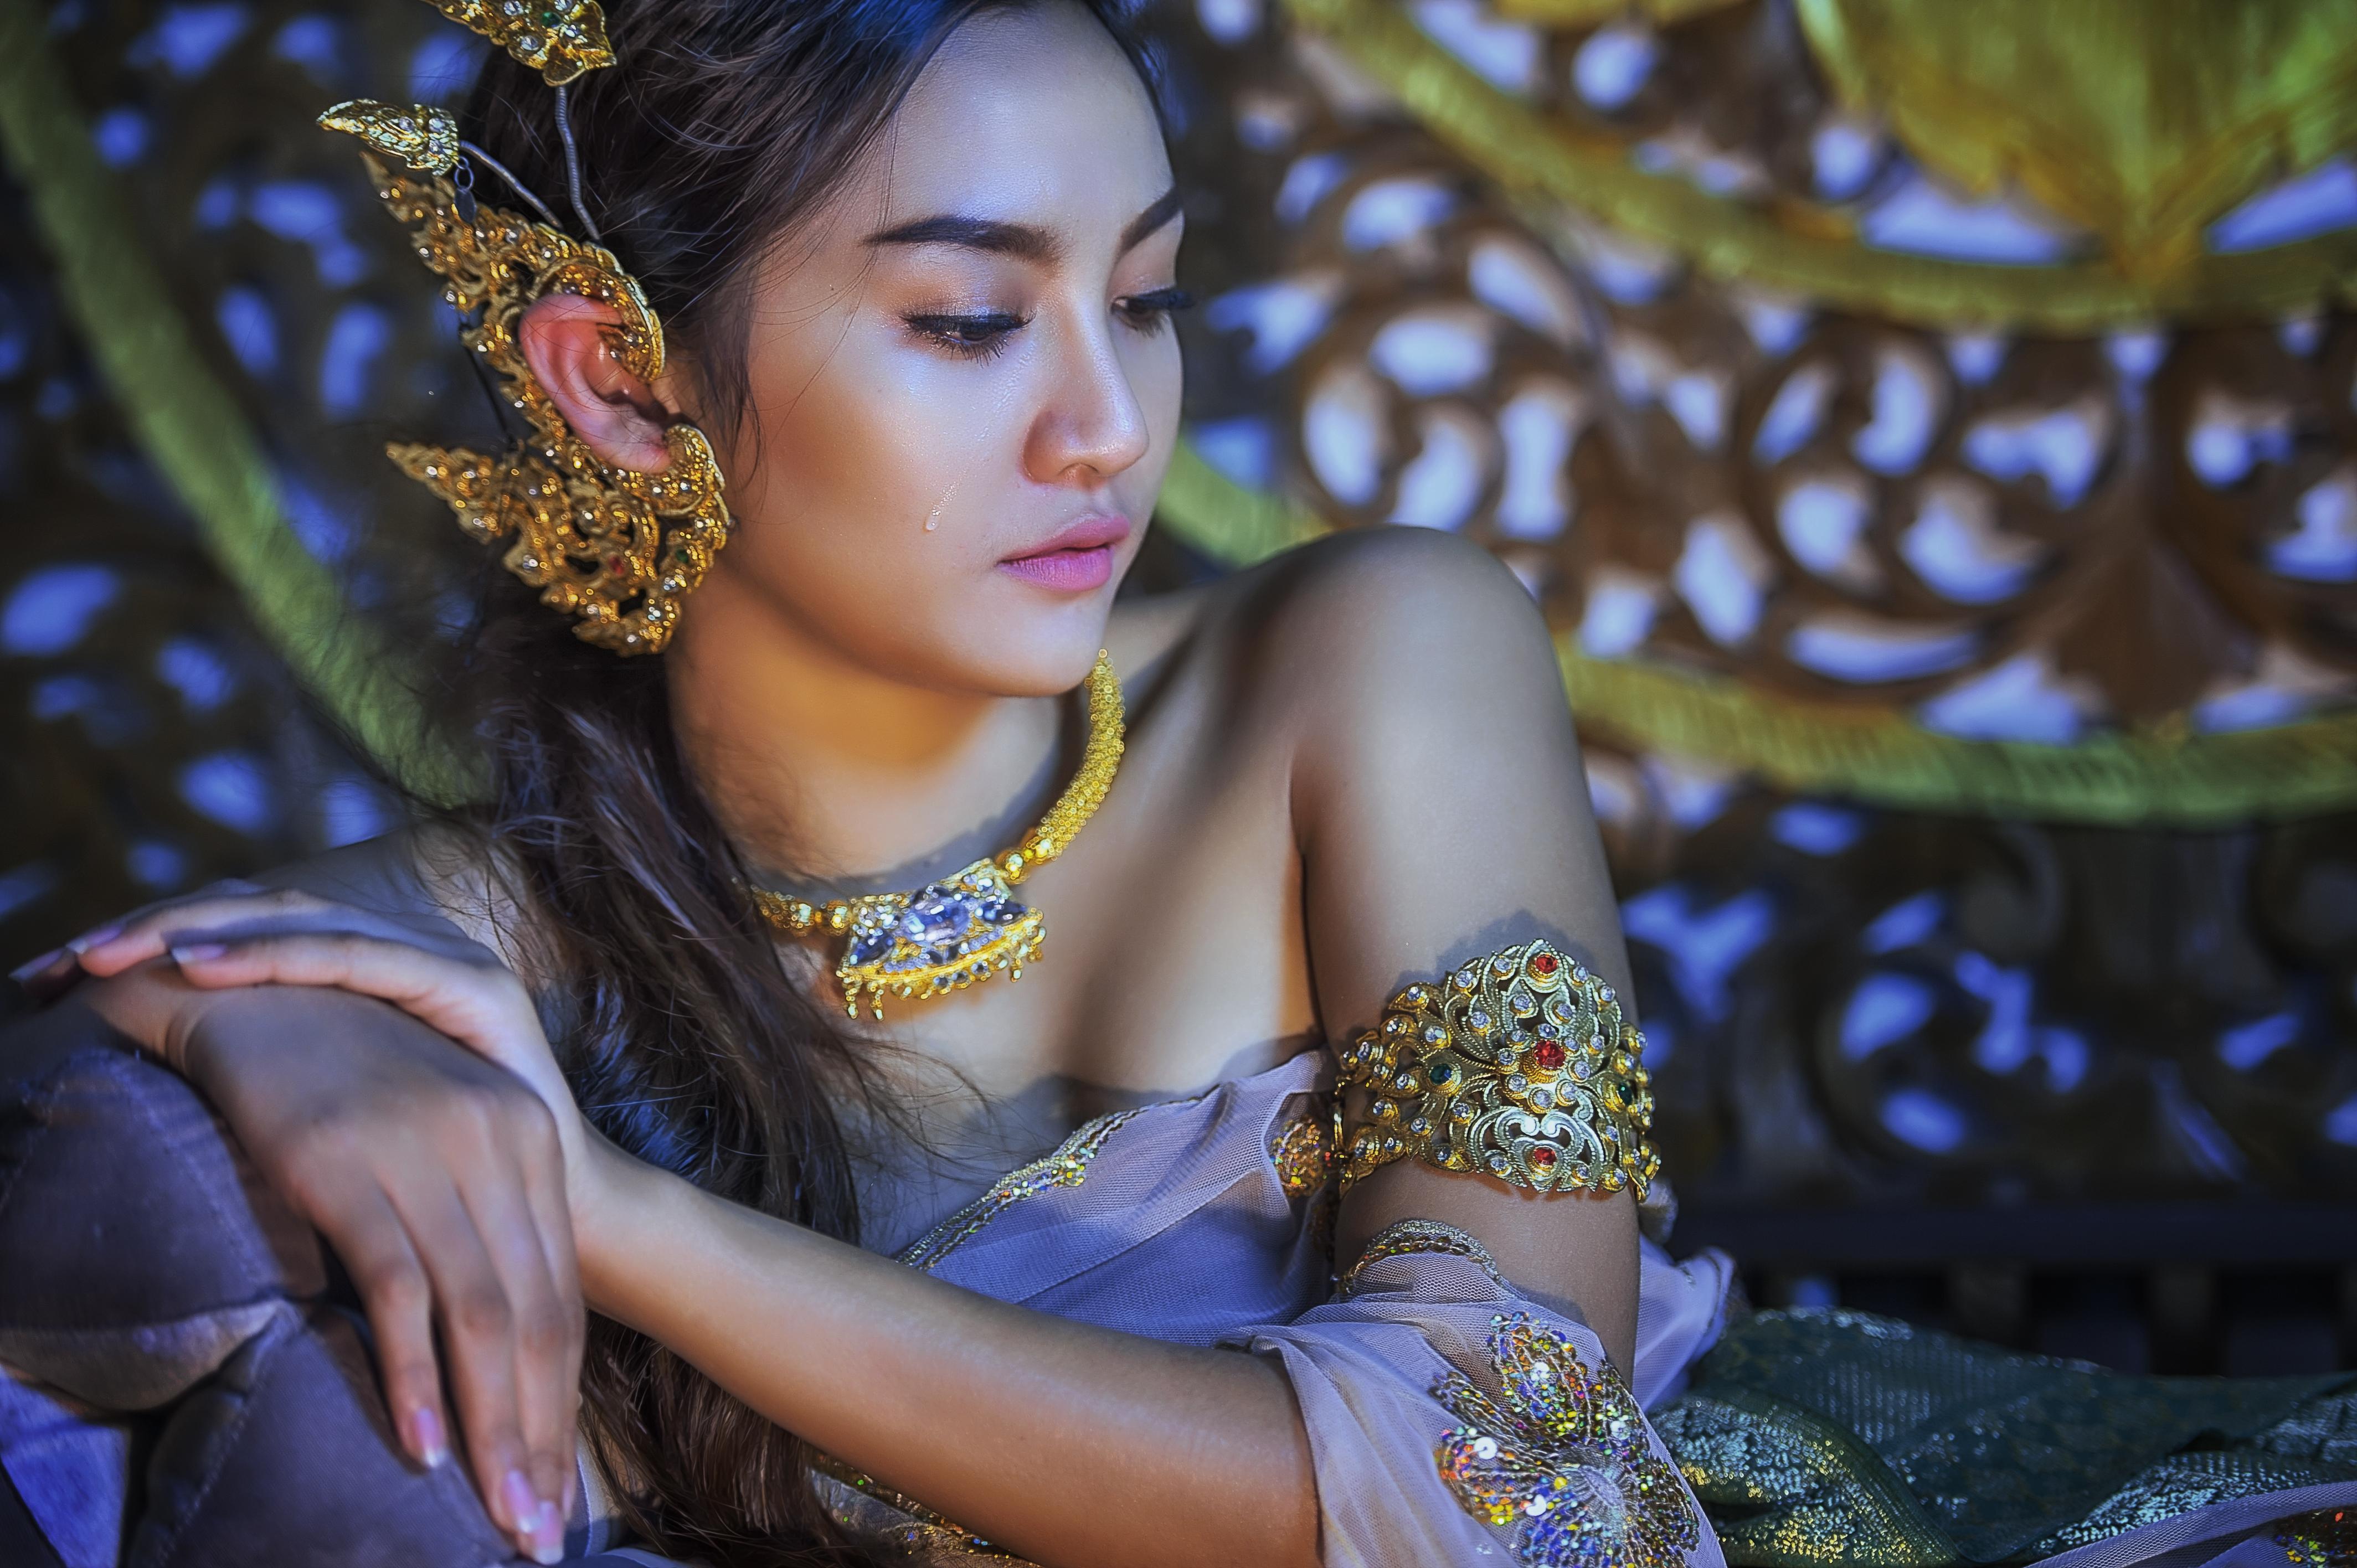 Thailand Sexy Women 24